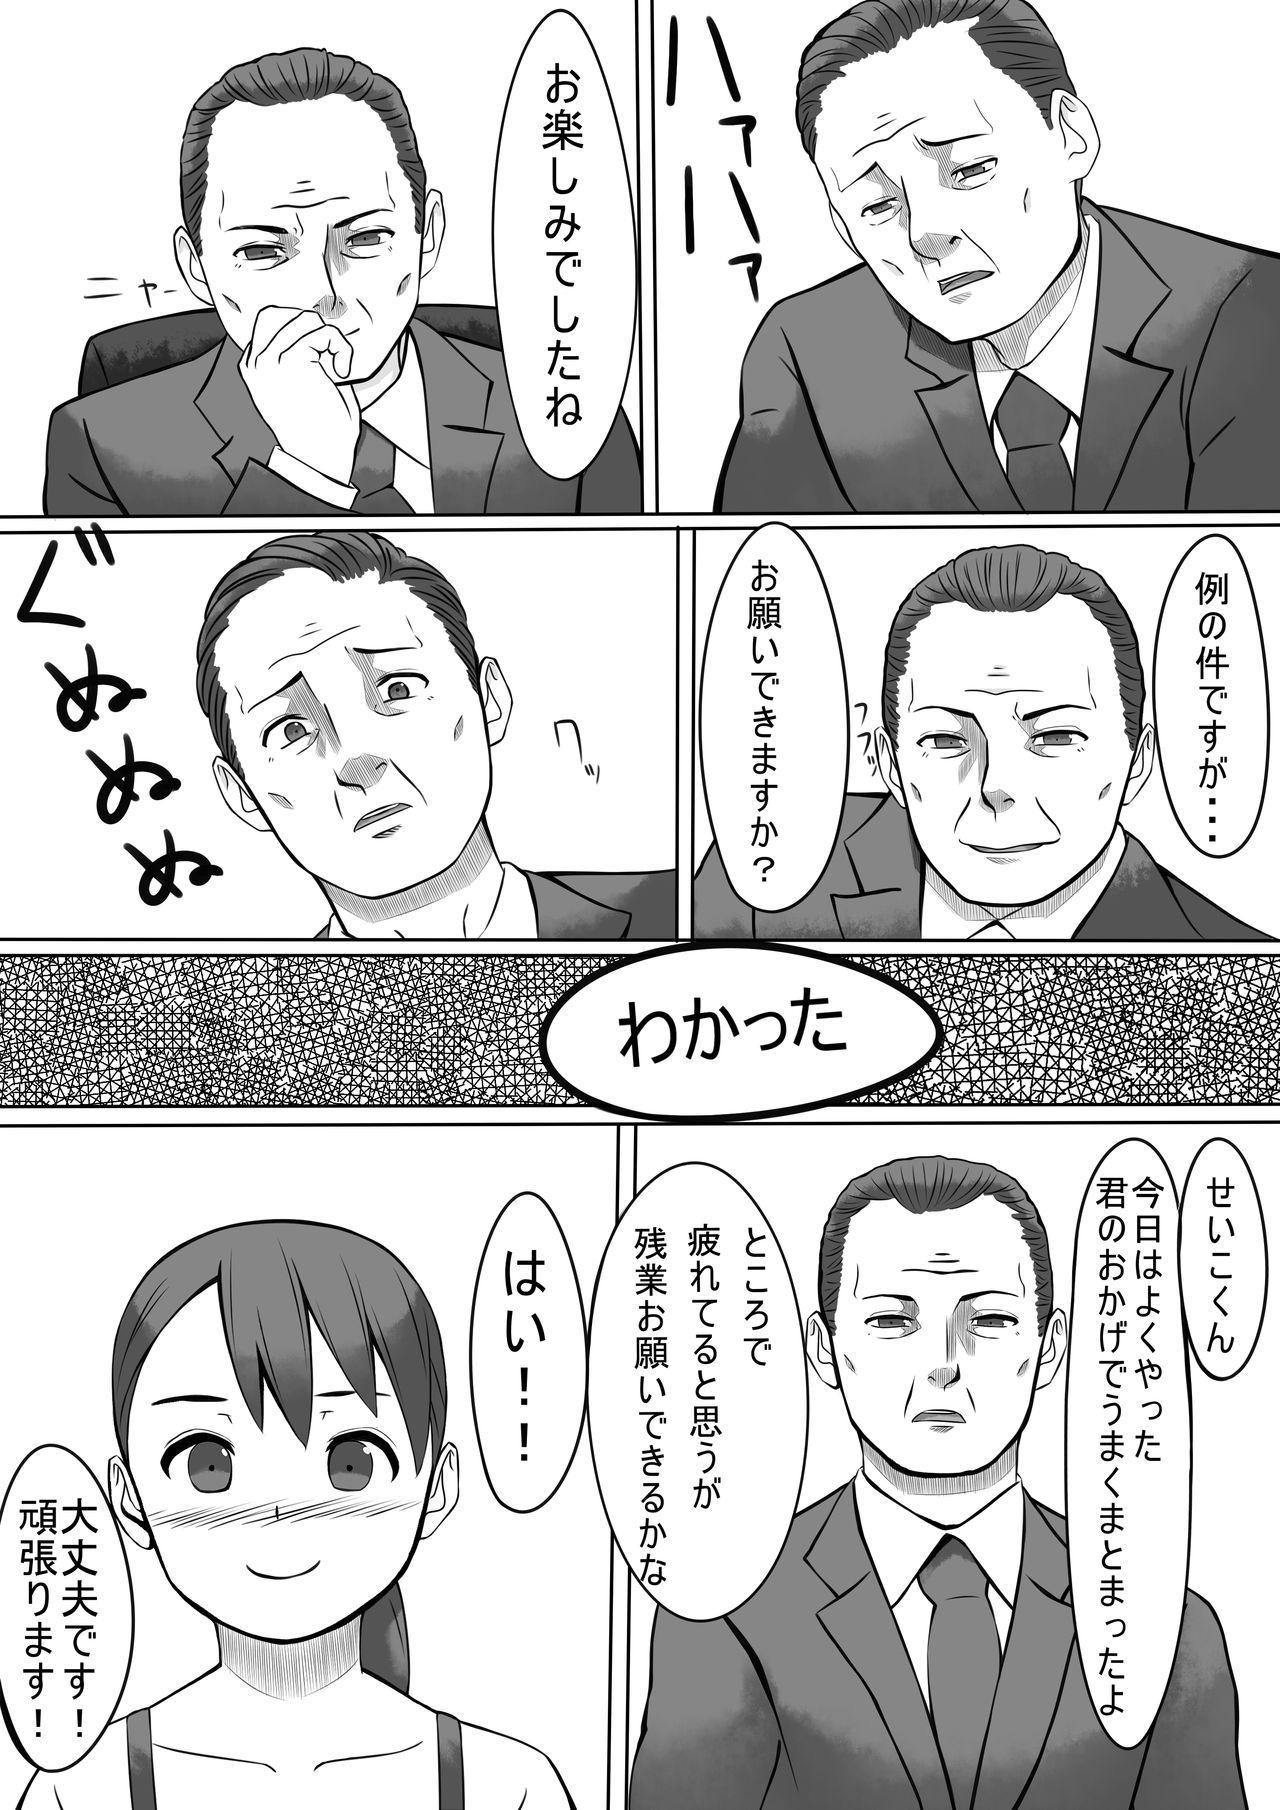 Seishori Gakari no Seiko-san 2 23